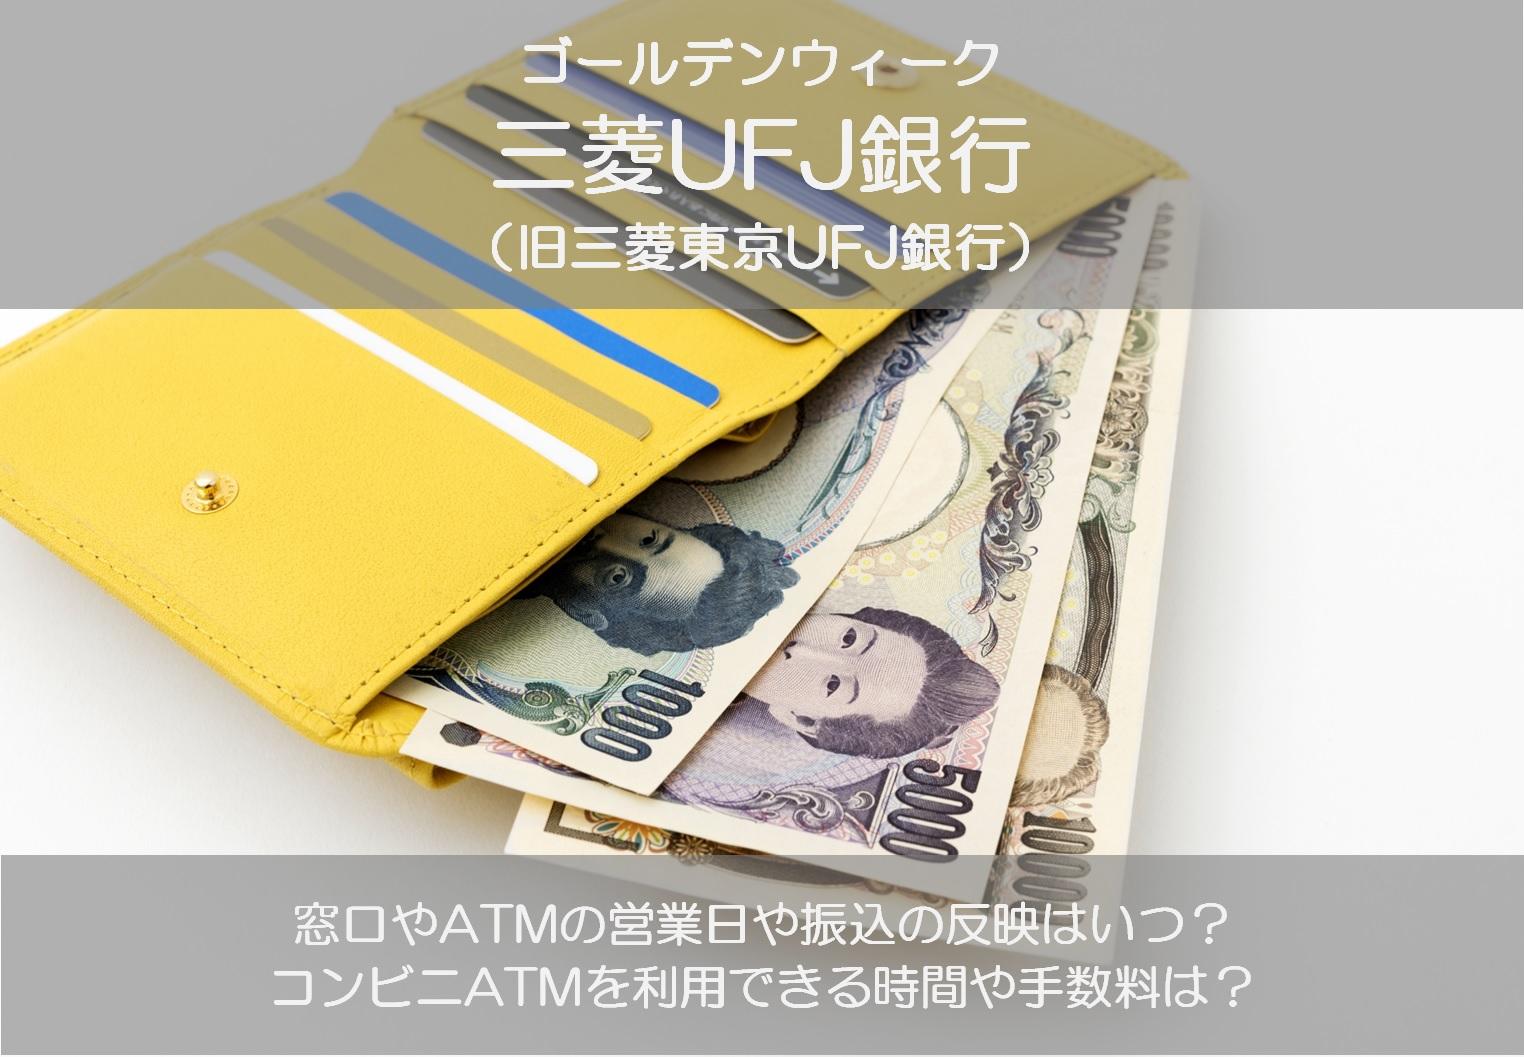 銀行 三菱 atm 手数料 ufj